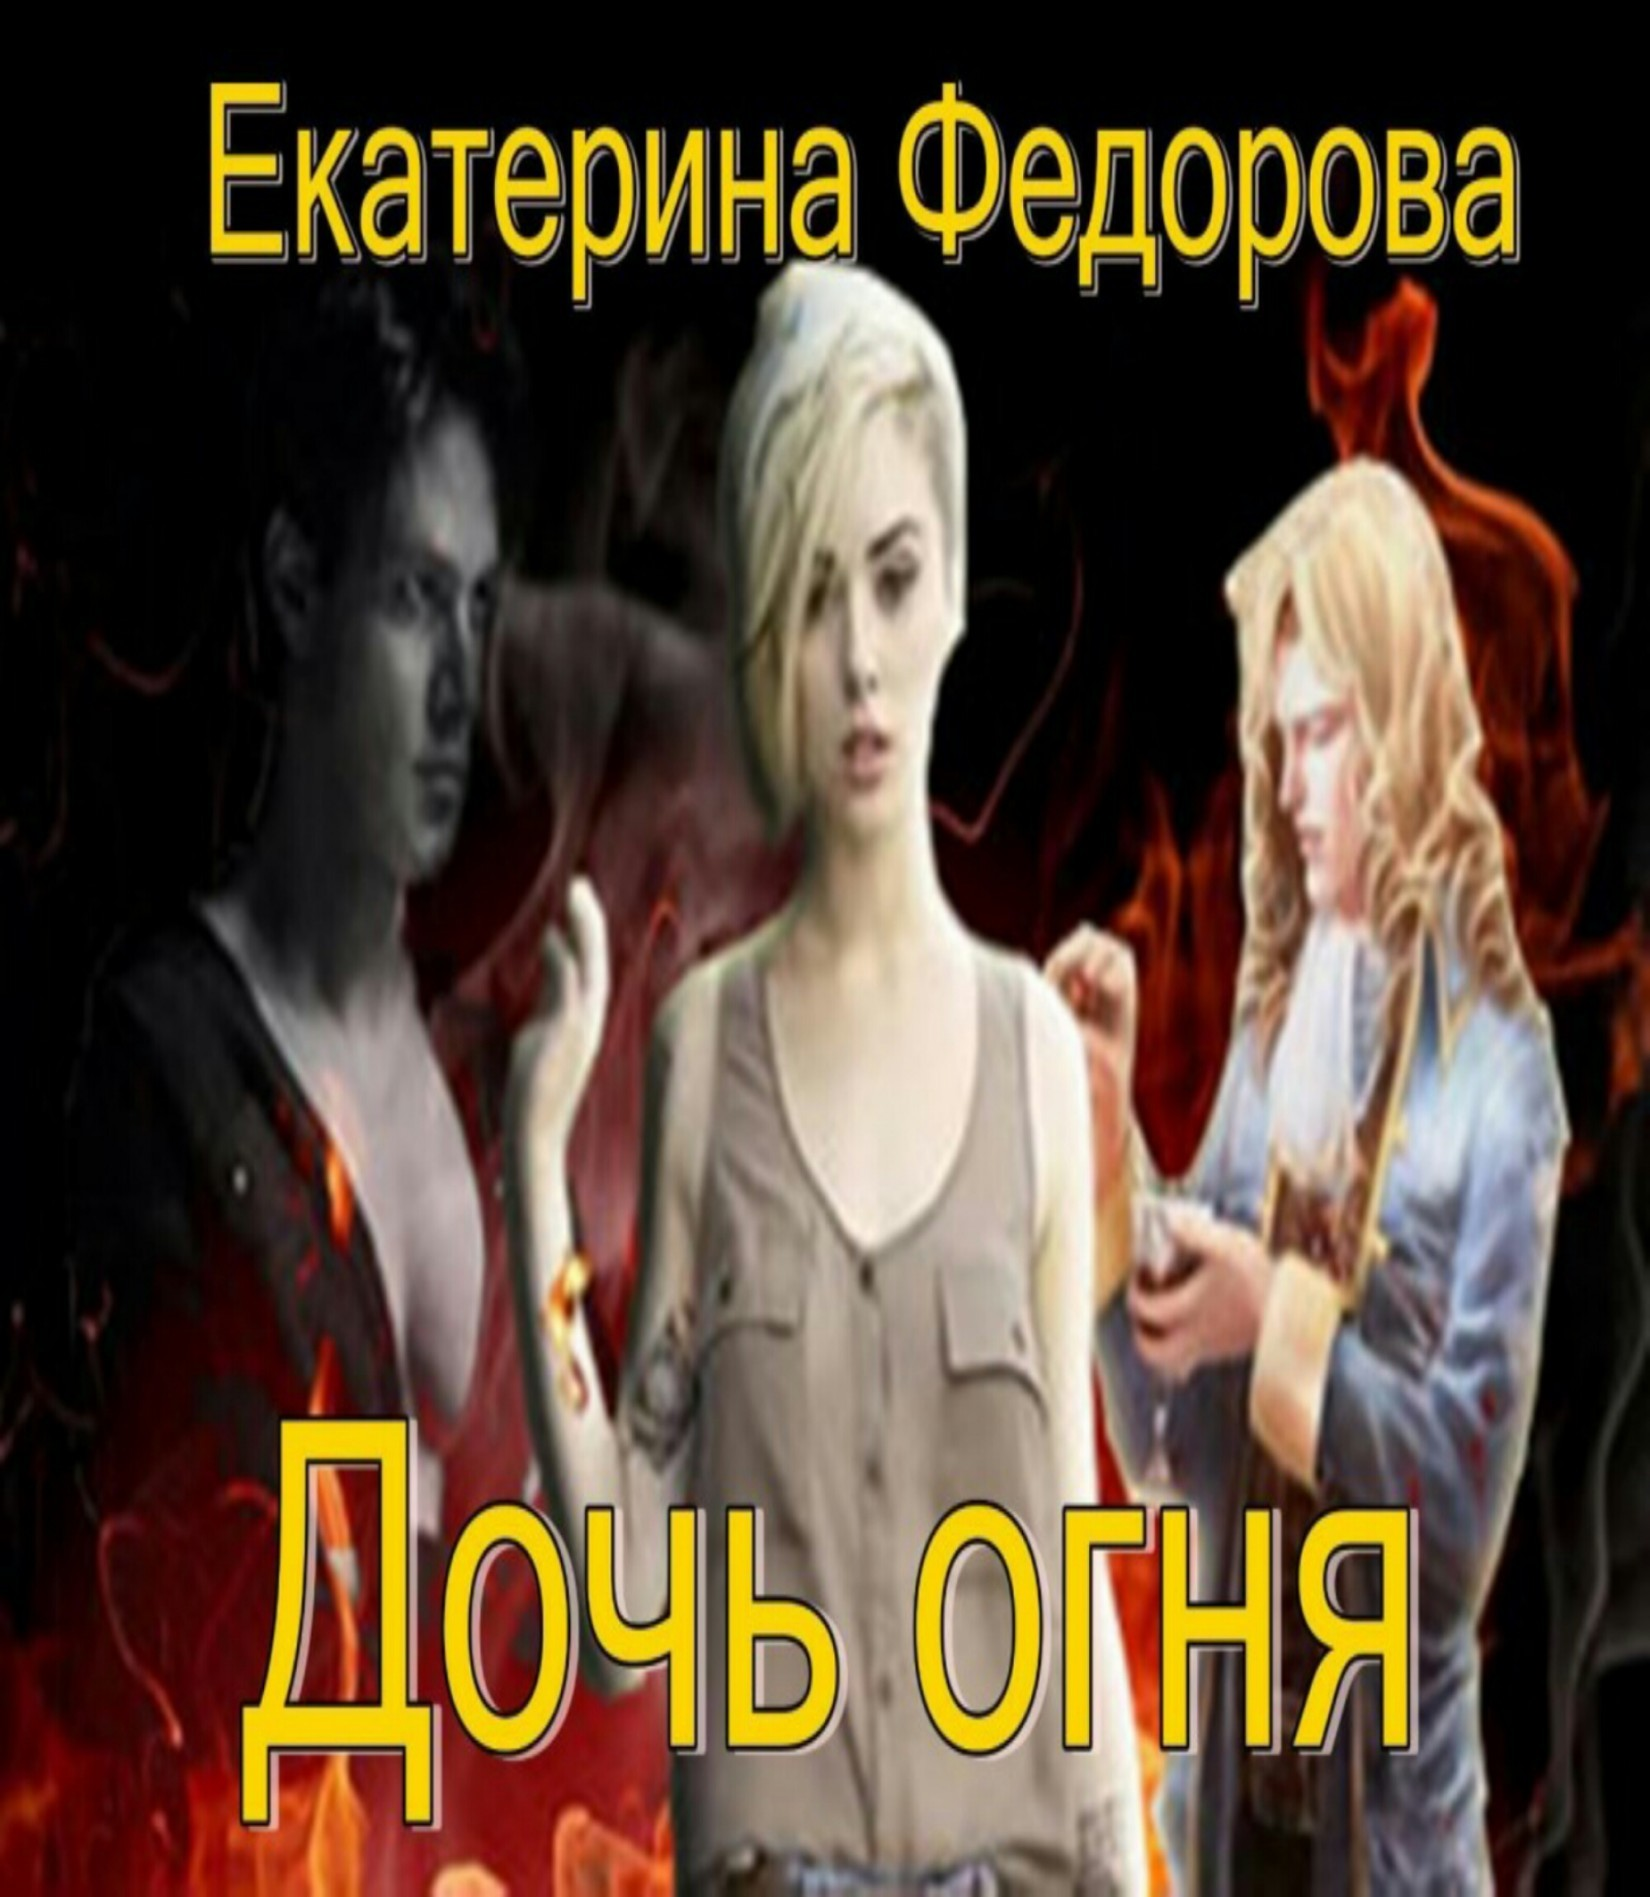 Екатерина Владимировна Федорова Дочь огня екатерина валерьевна юрчак теория вины в праве монография